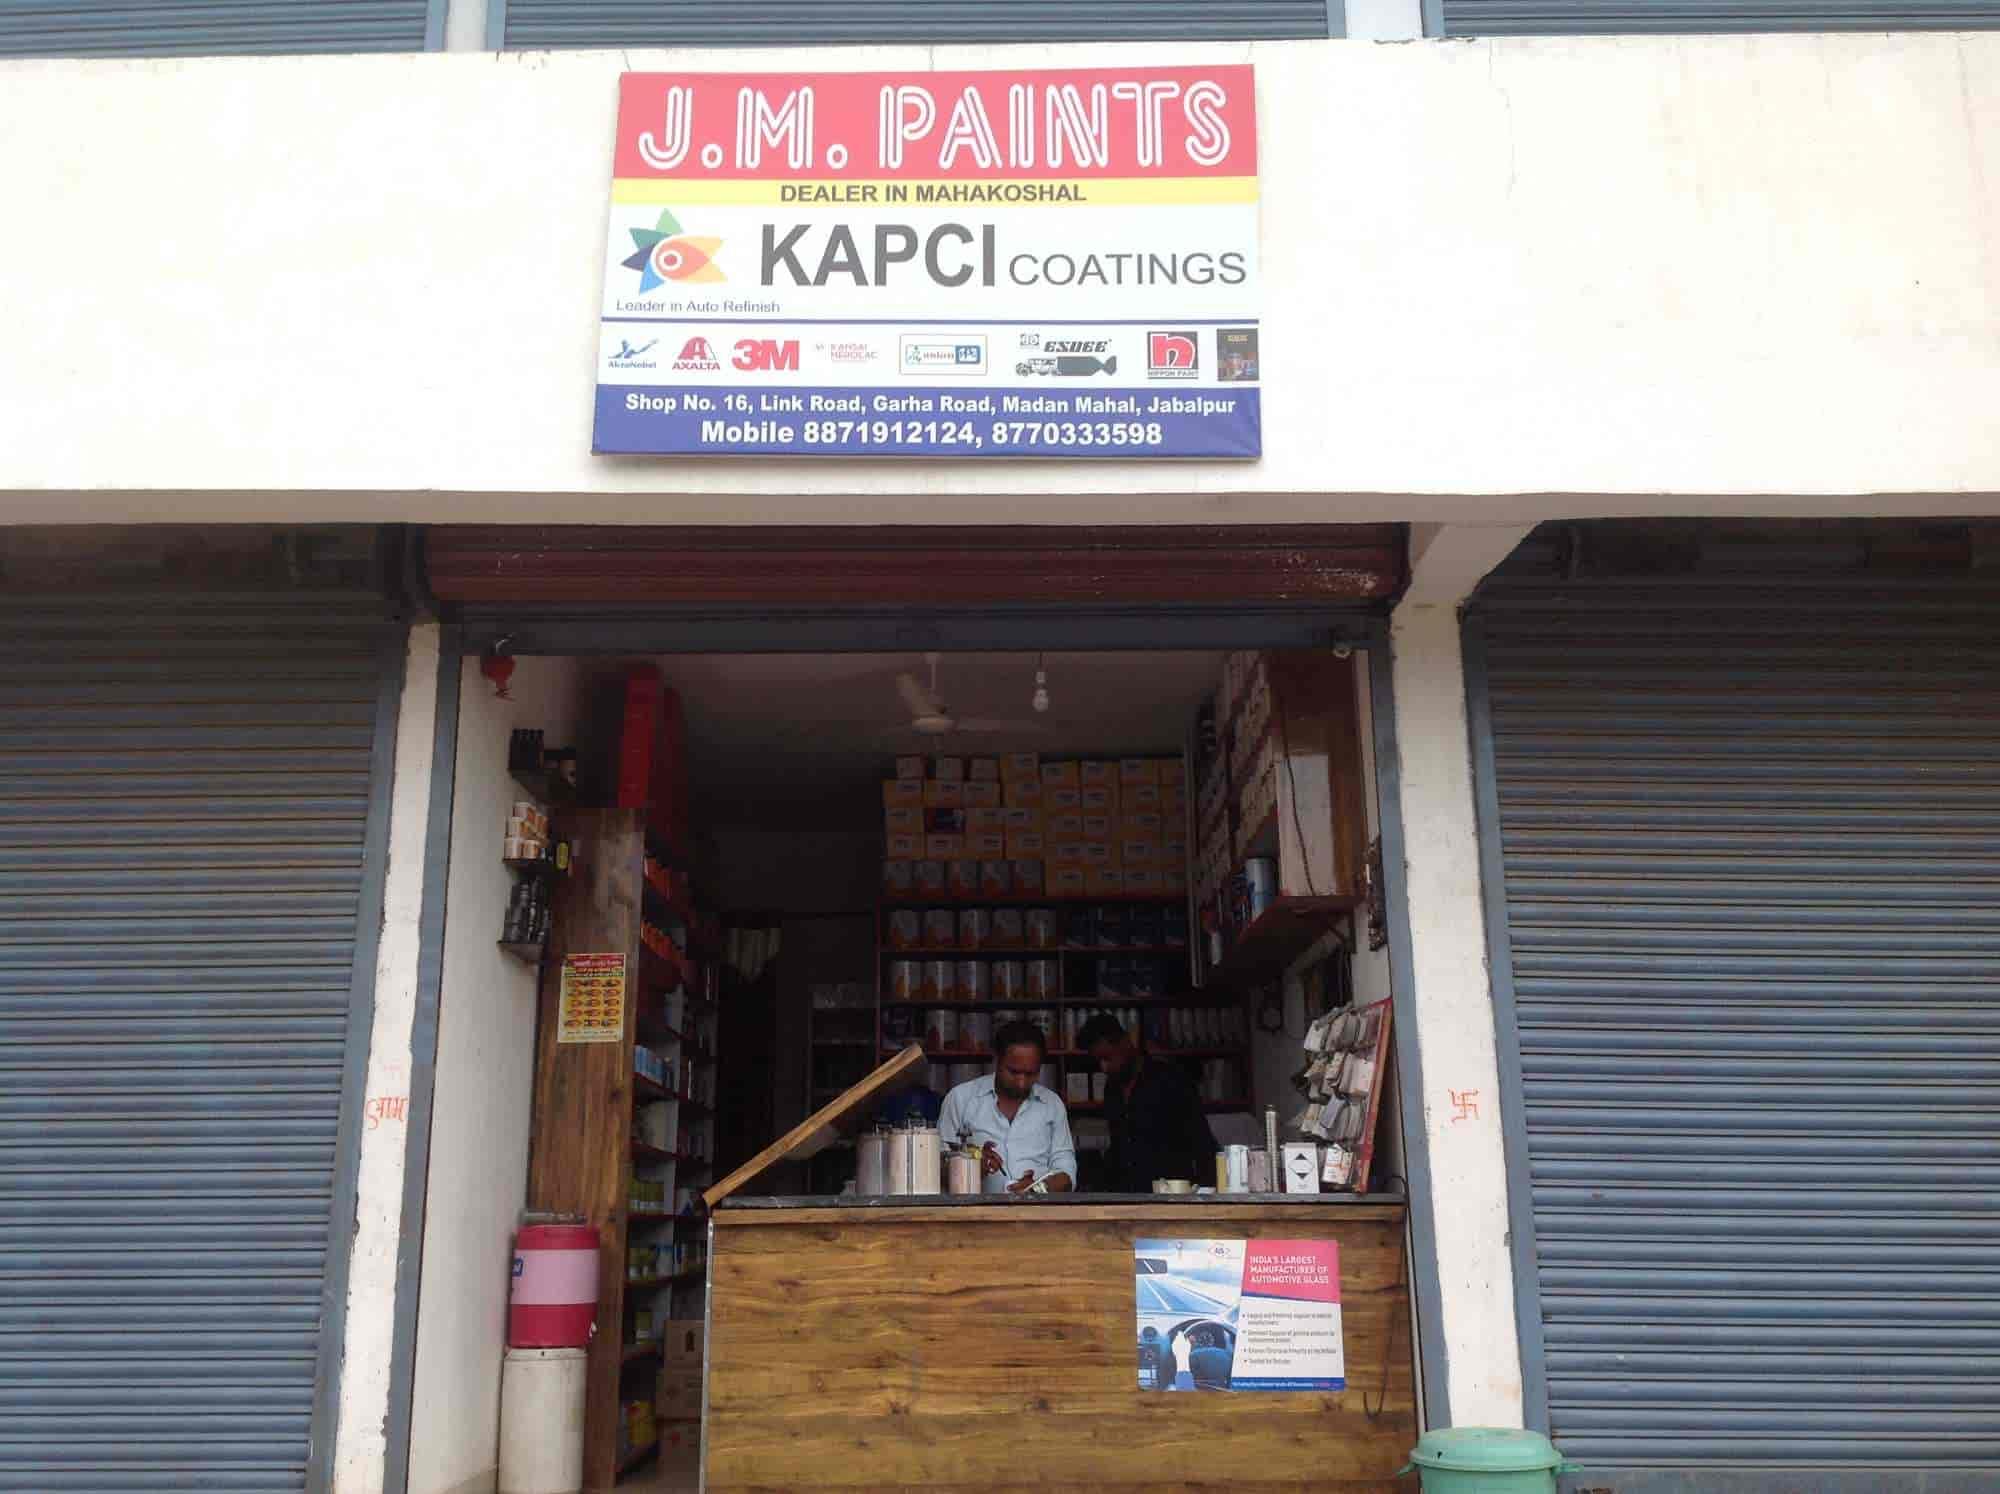 J M Paints Photos Madan Mahal Jabalpur Automotive Paint Dealers